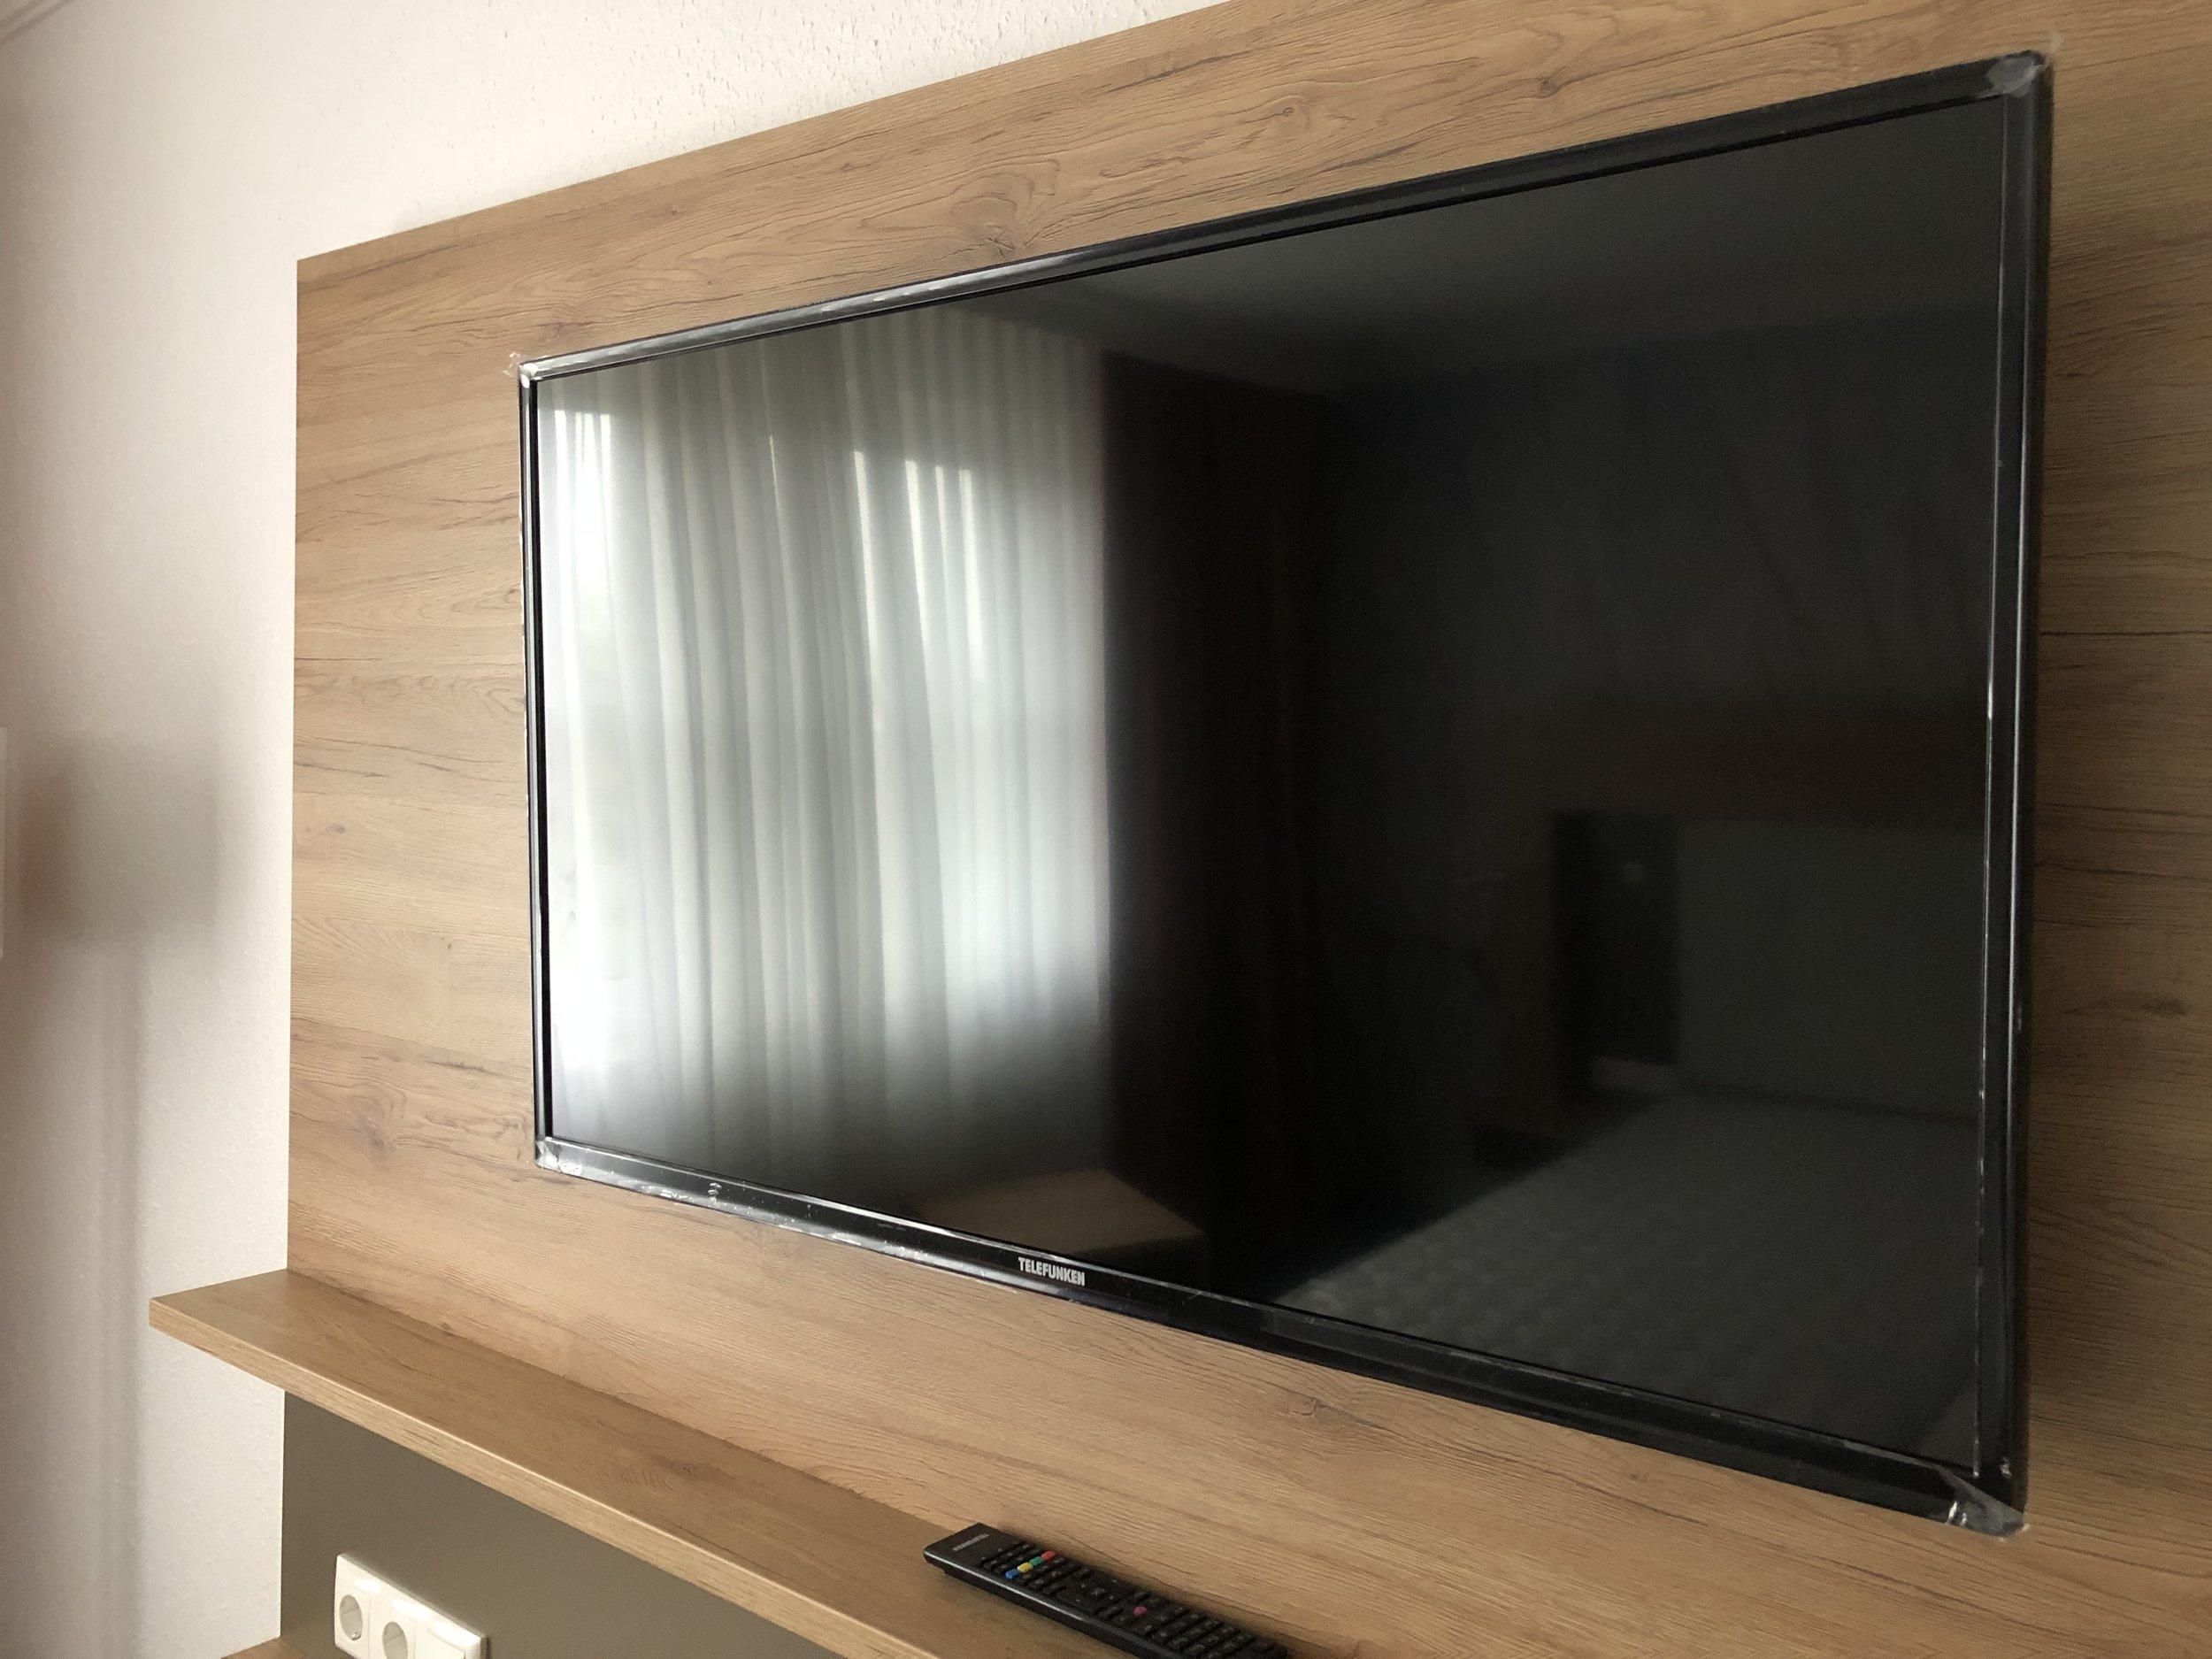 Großer neuer TV - Schutzfolie kommt noch ab